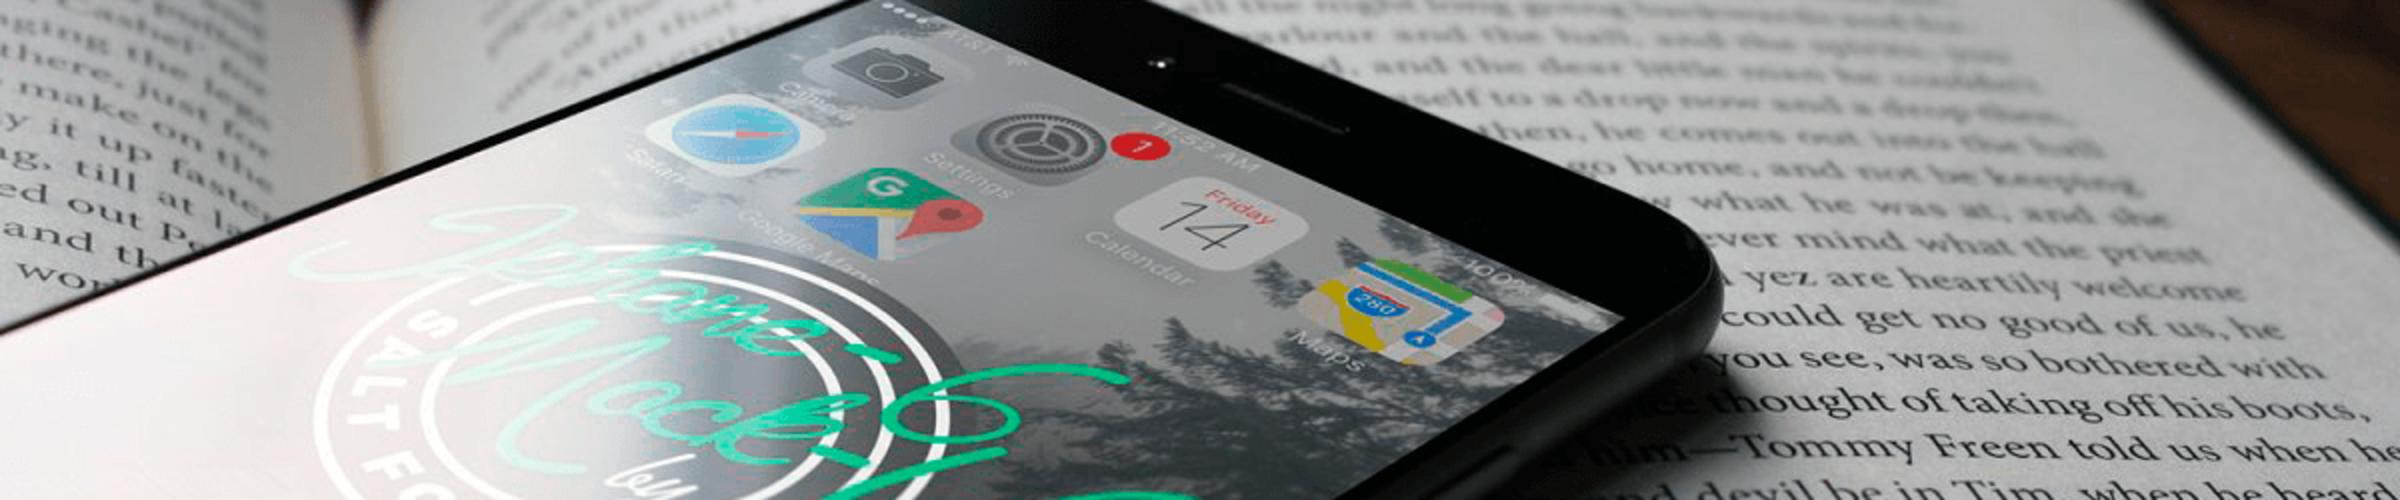 Как подписать фото на iPhone или добавить текст (надпись) на картинку?